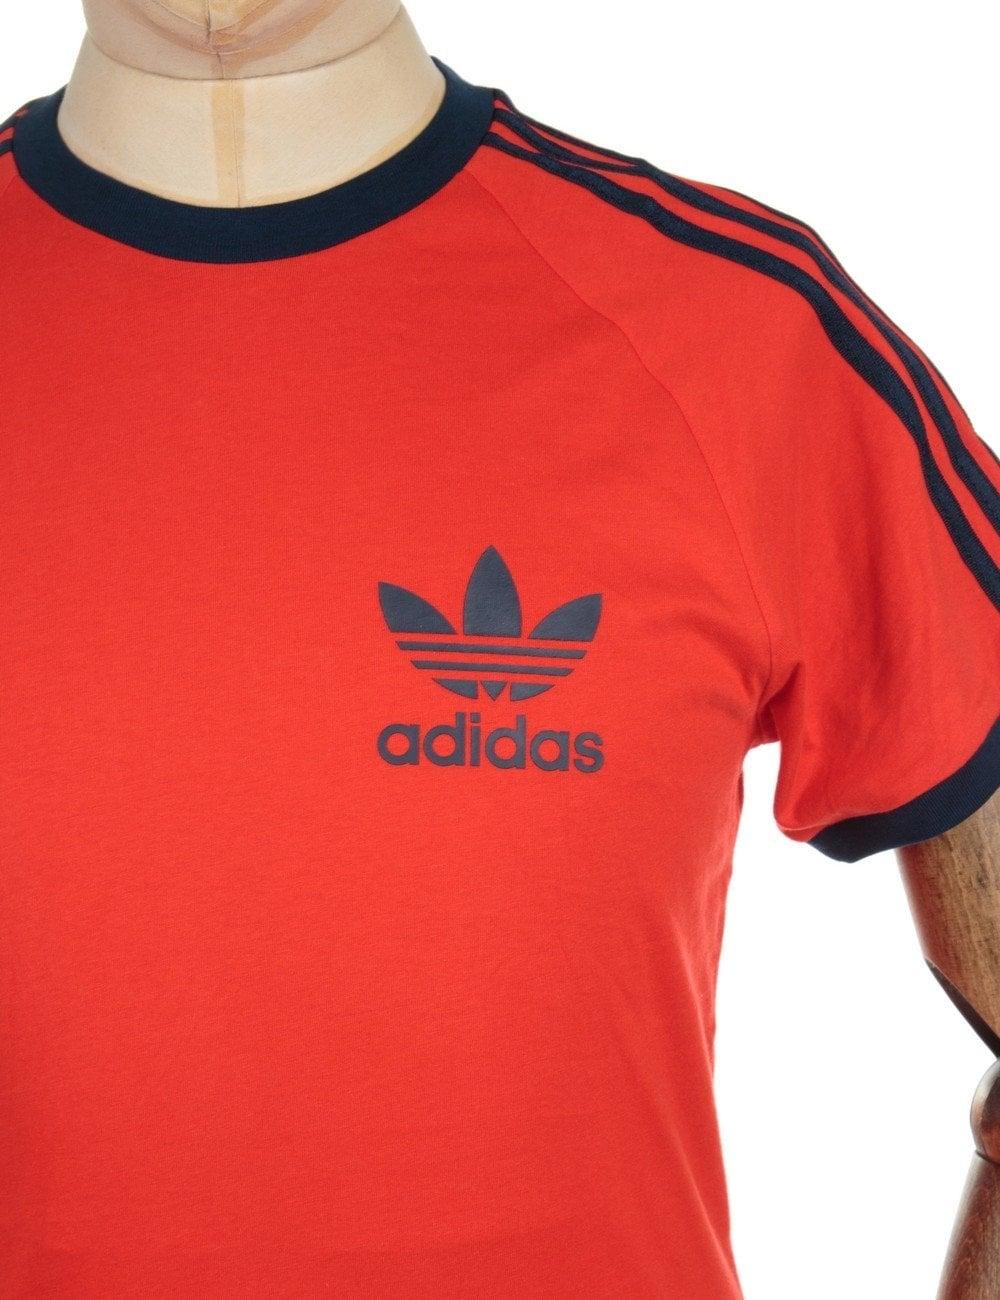 adidas originals shirt red